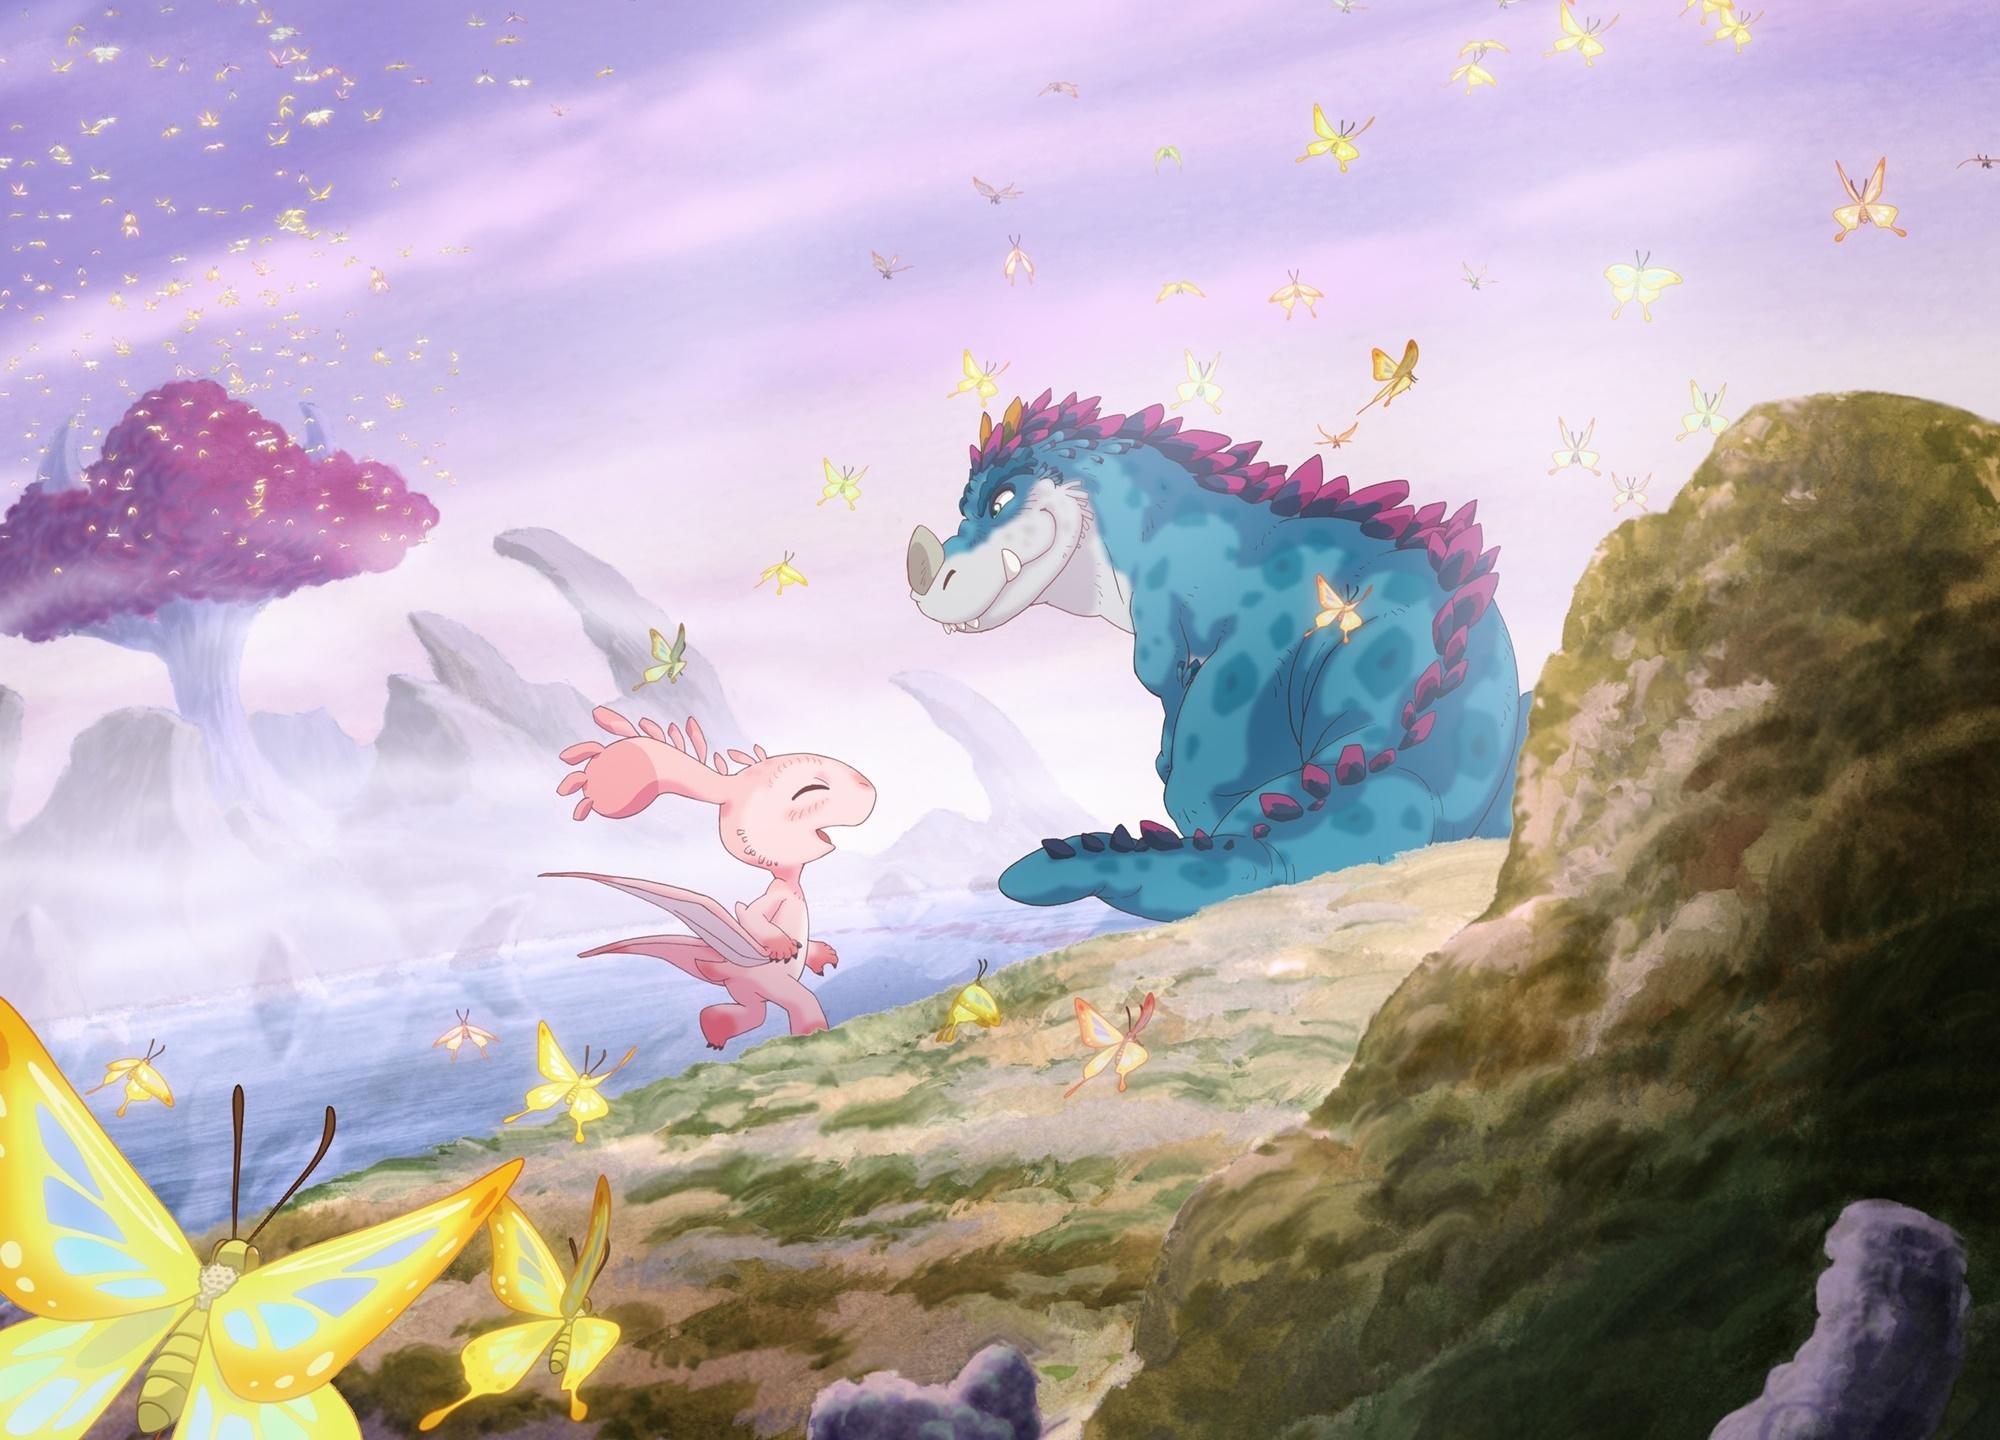 アニメ映画『さよなら、ティラノ』2020年夏 公開!三木眞一郎、石原夏織、悠木碧ほかキャスト解禁